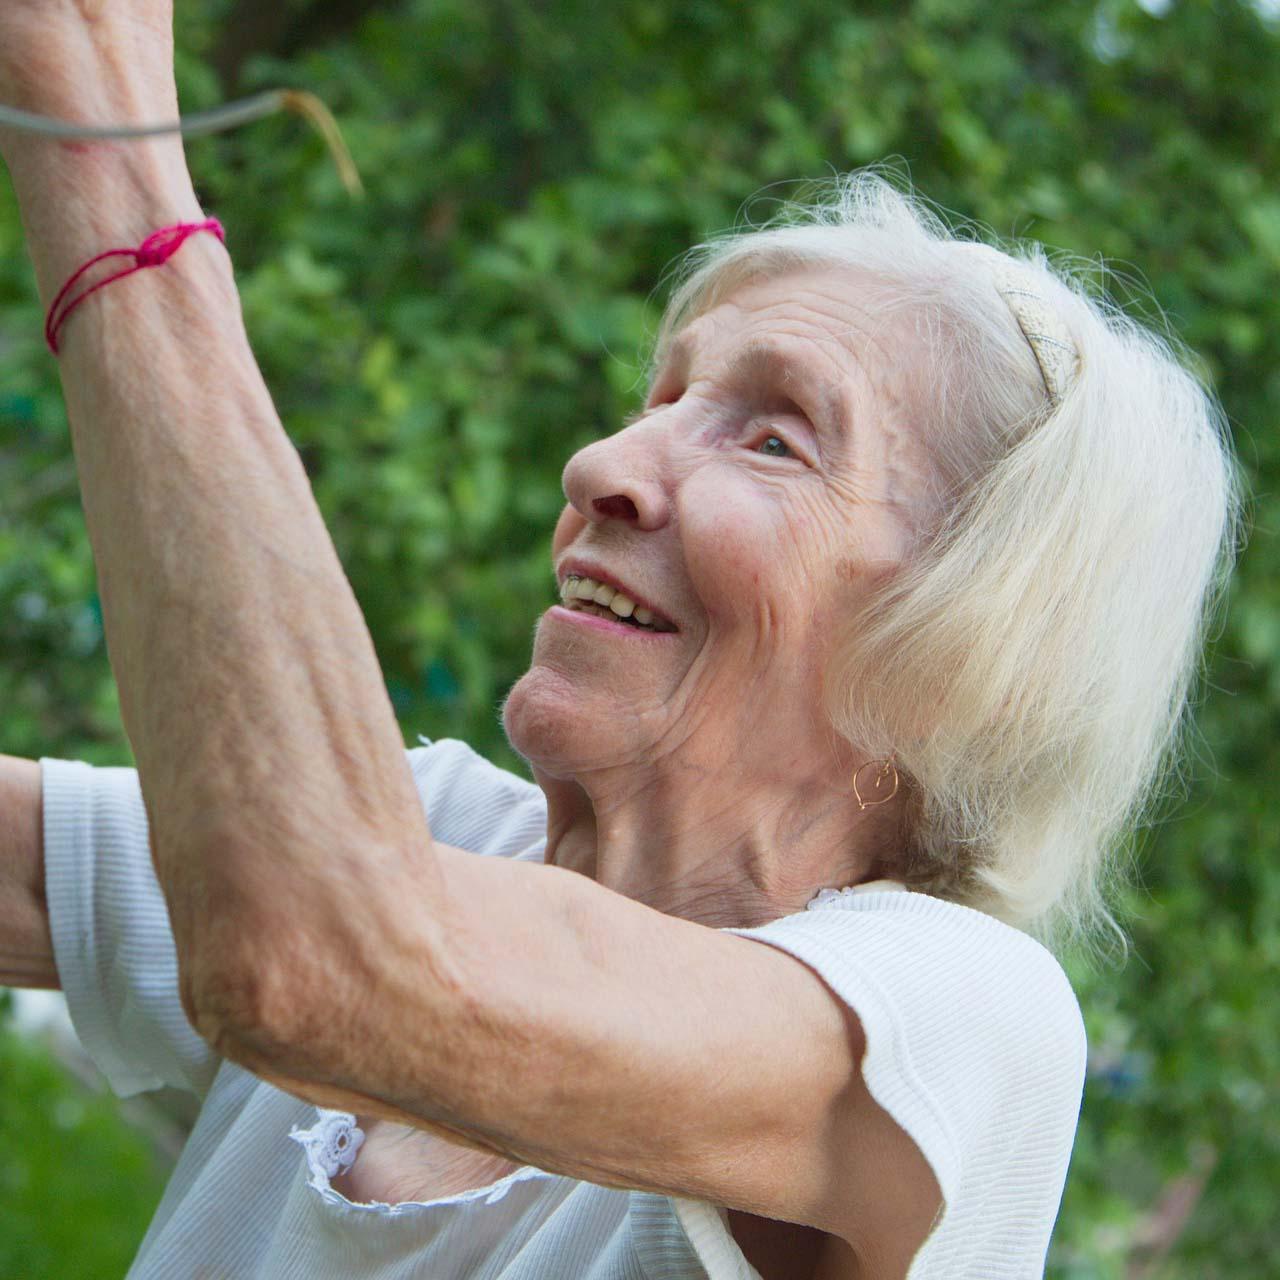 aimaproject-agenzia-di-comunicazione-farmacia-giardino-coldrerio-parafarmacia-anziani-tutori